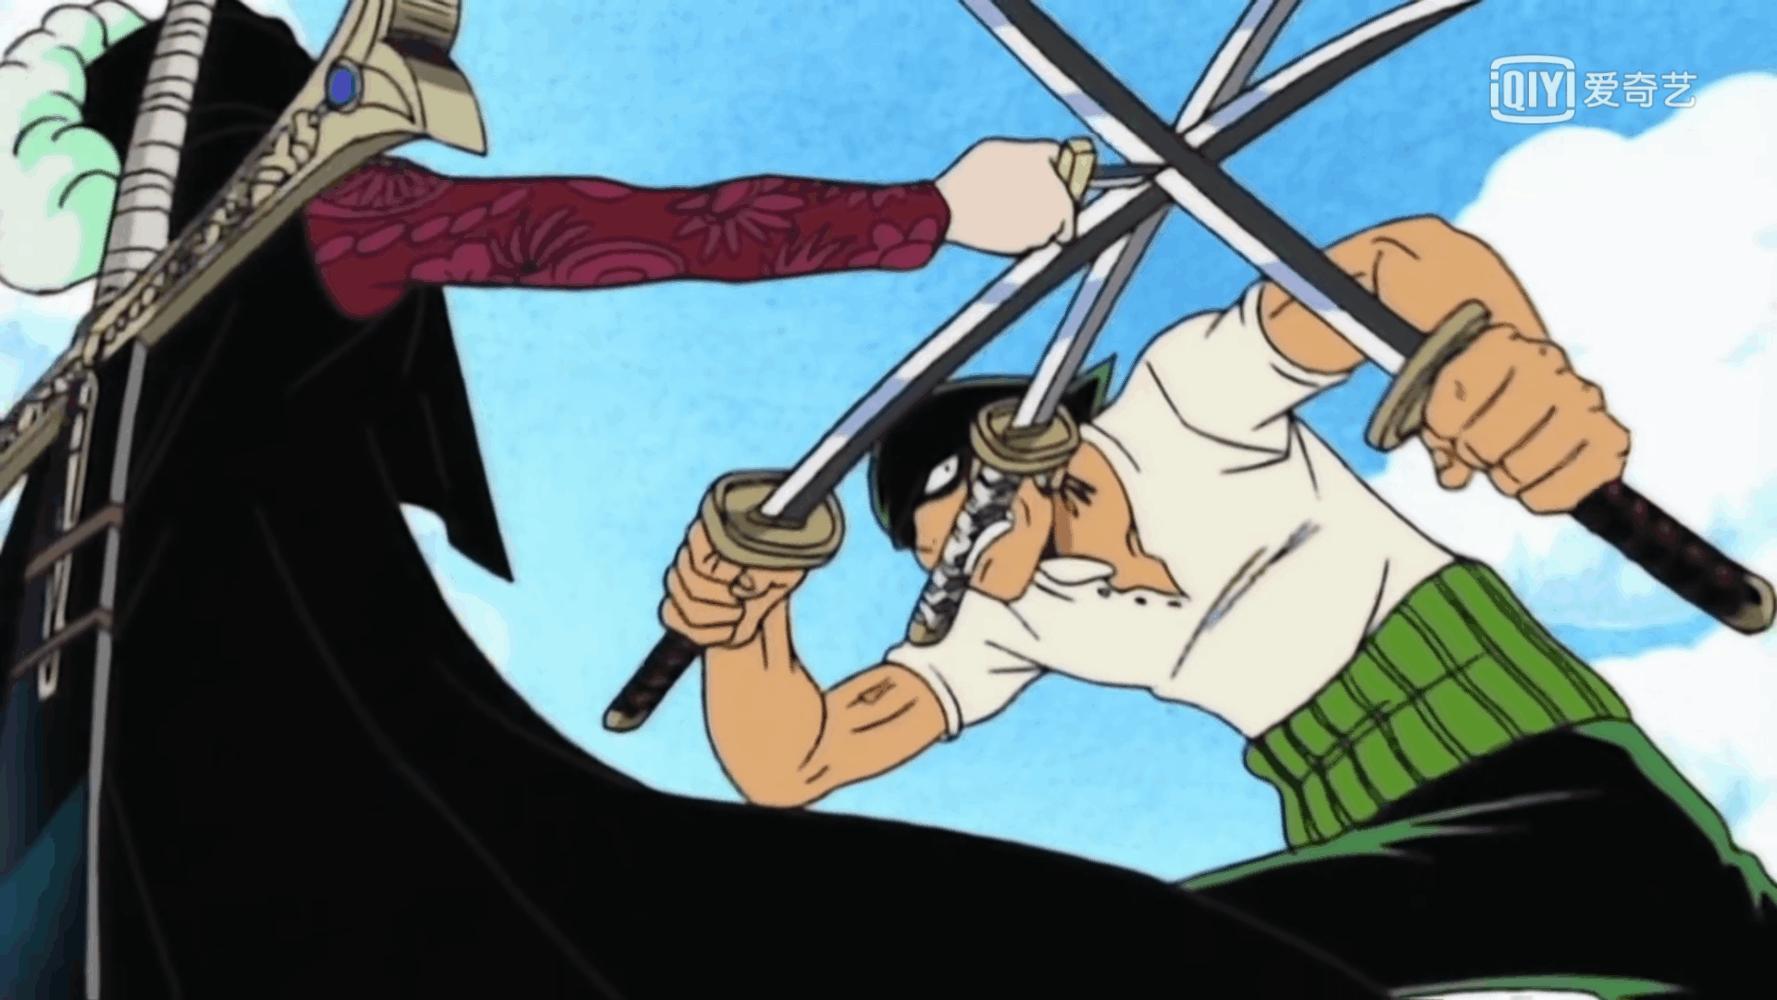 海賊王:6場不自量力的挑戰,索隆挑戰鷹眼,基德招惹紅發